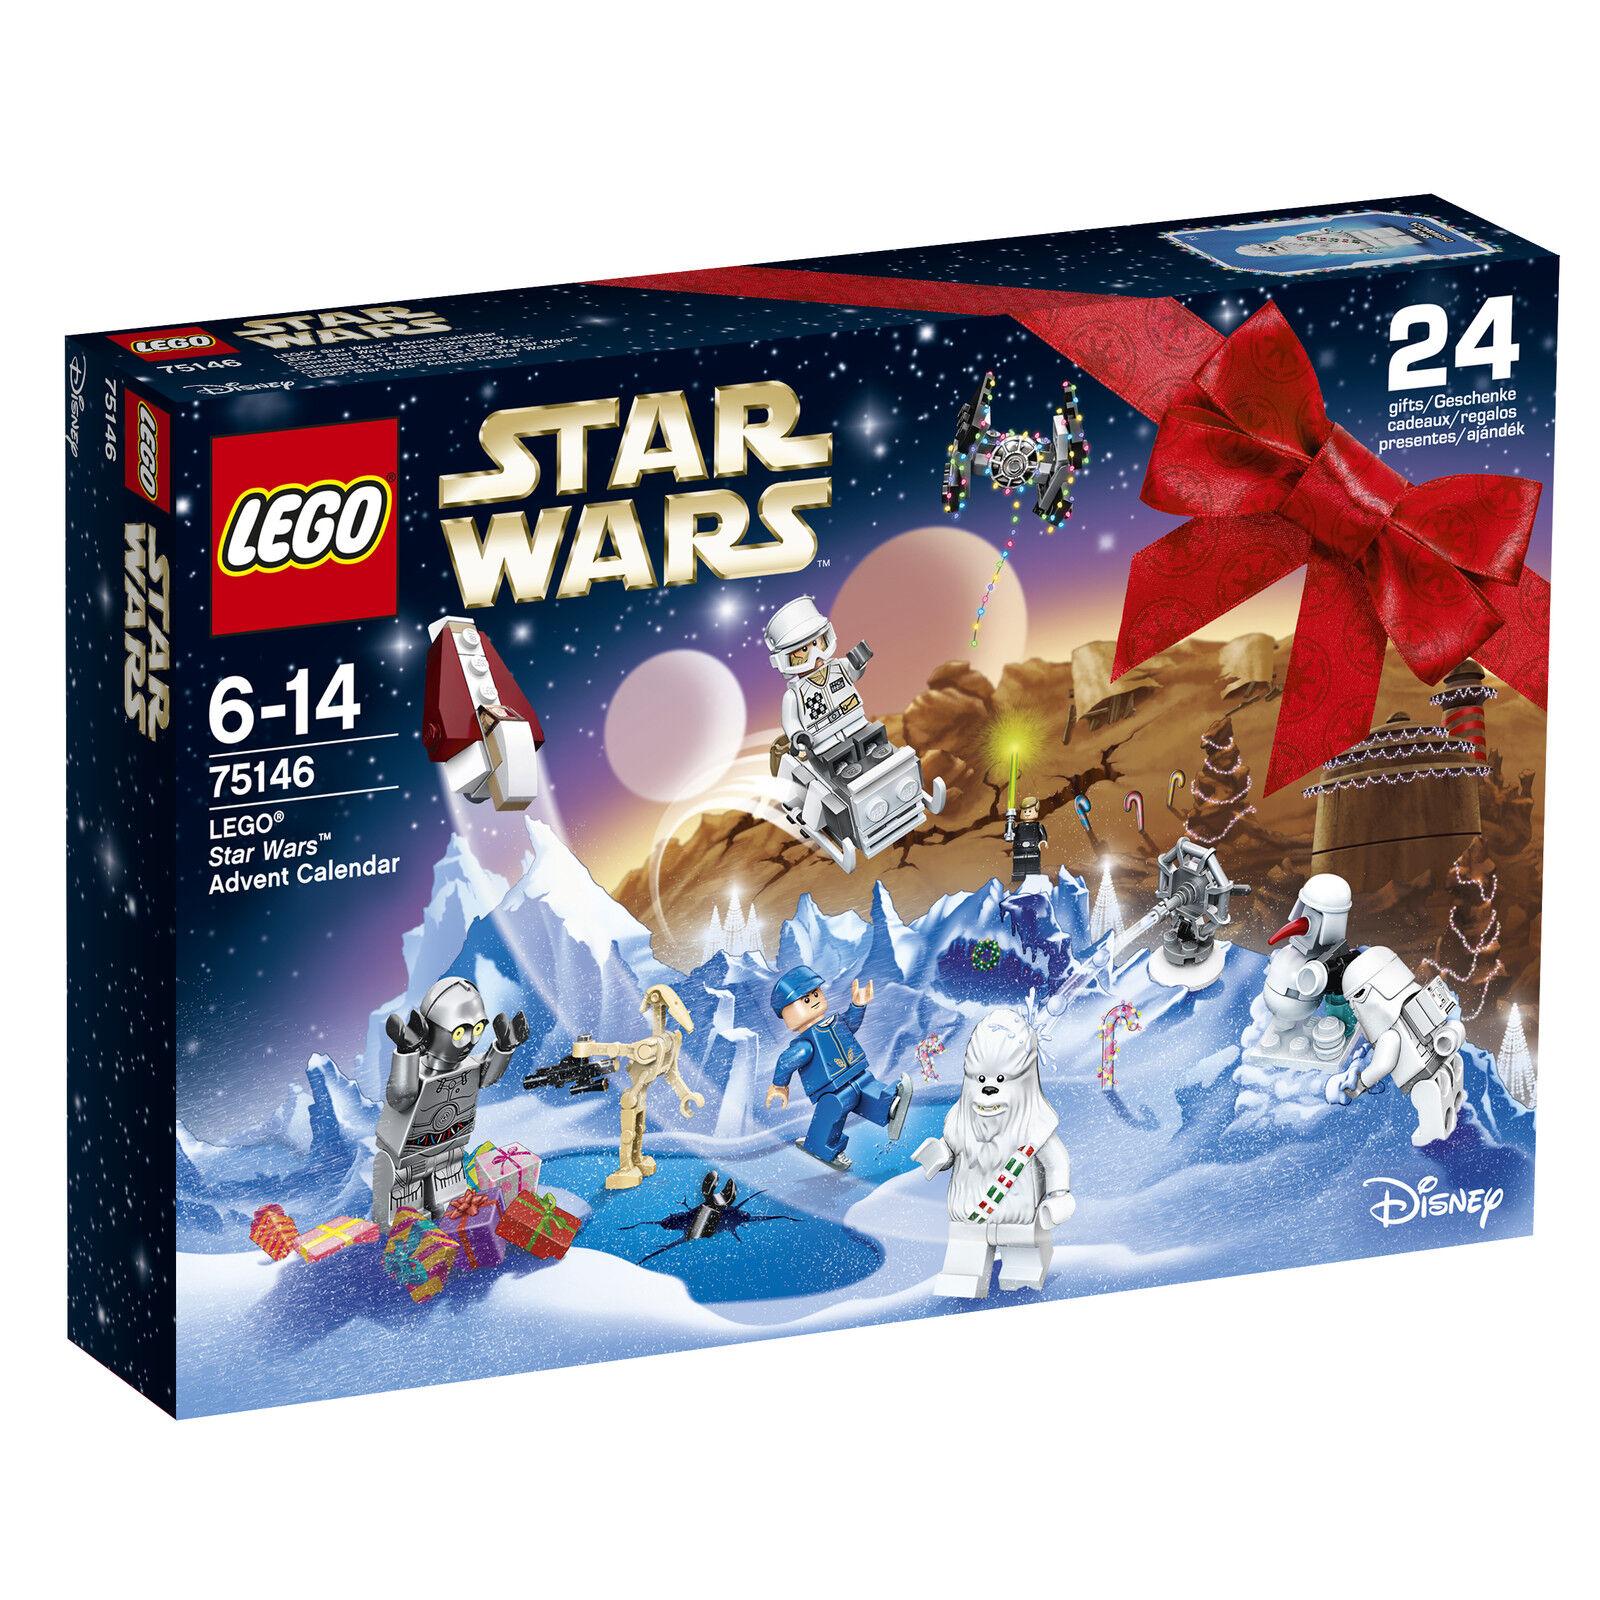 LEGO Star Wars 75146 Advent Calendar 2016 - NEW & SEALED